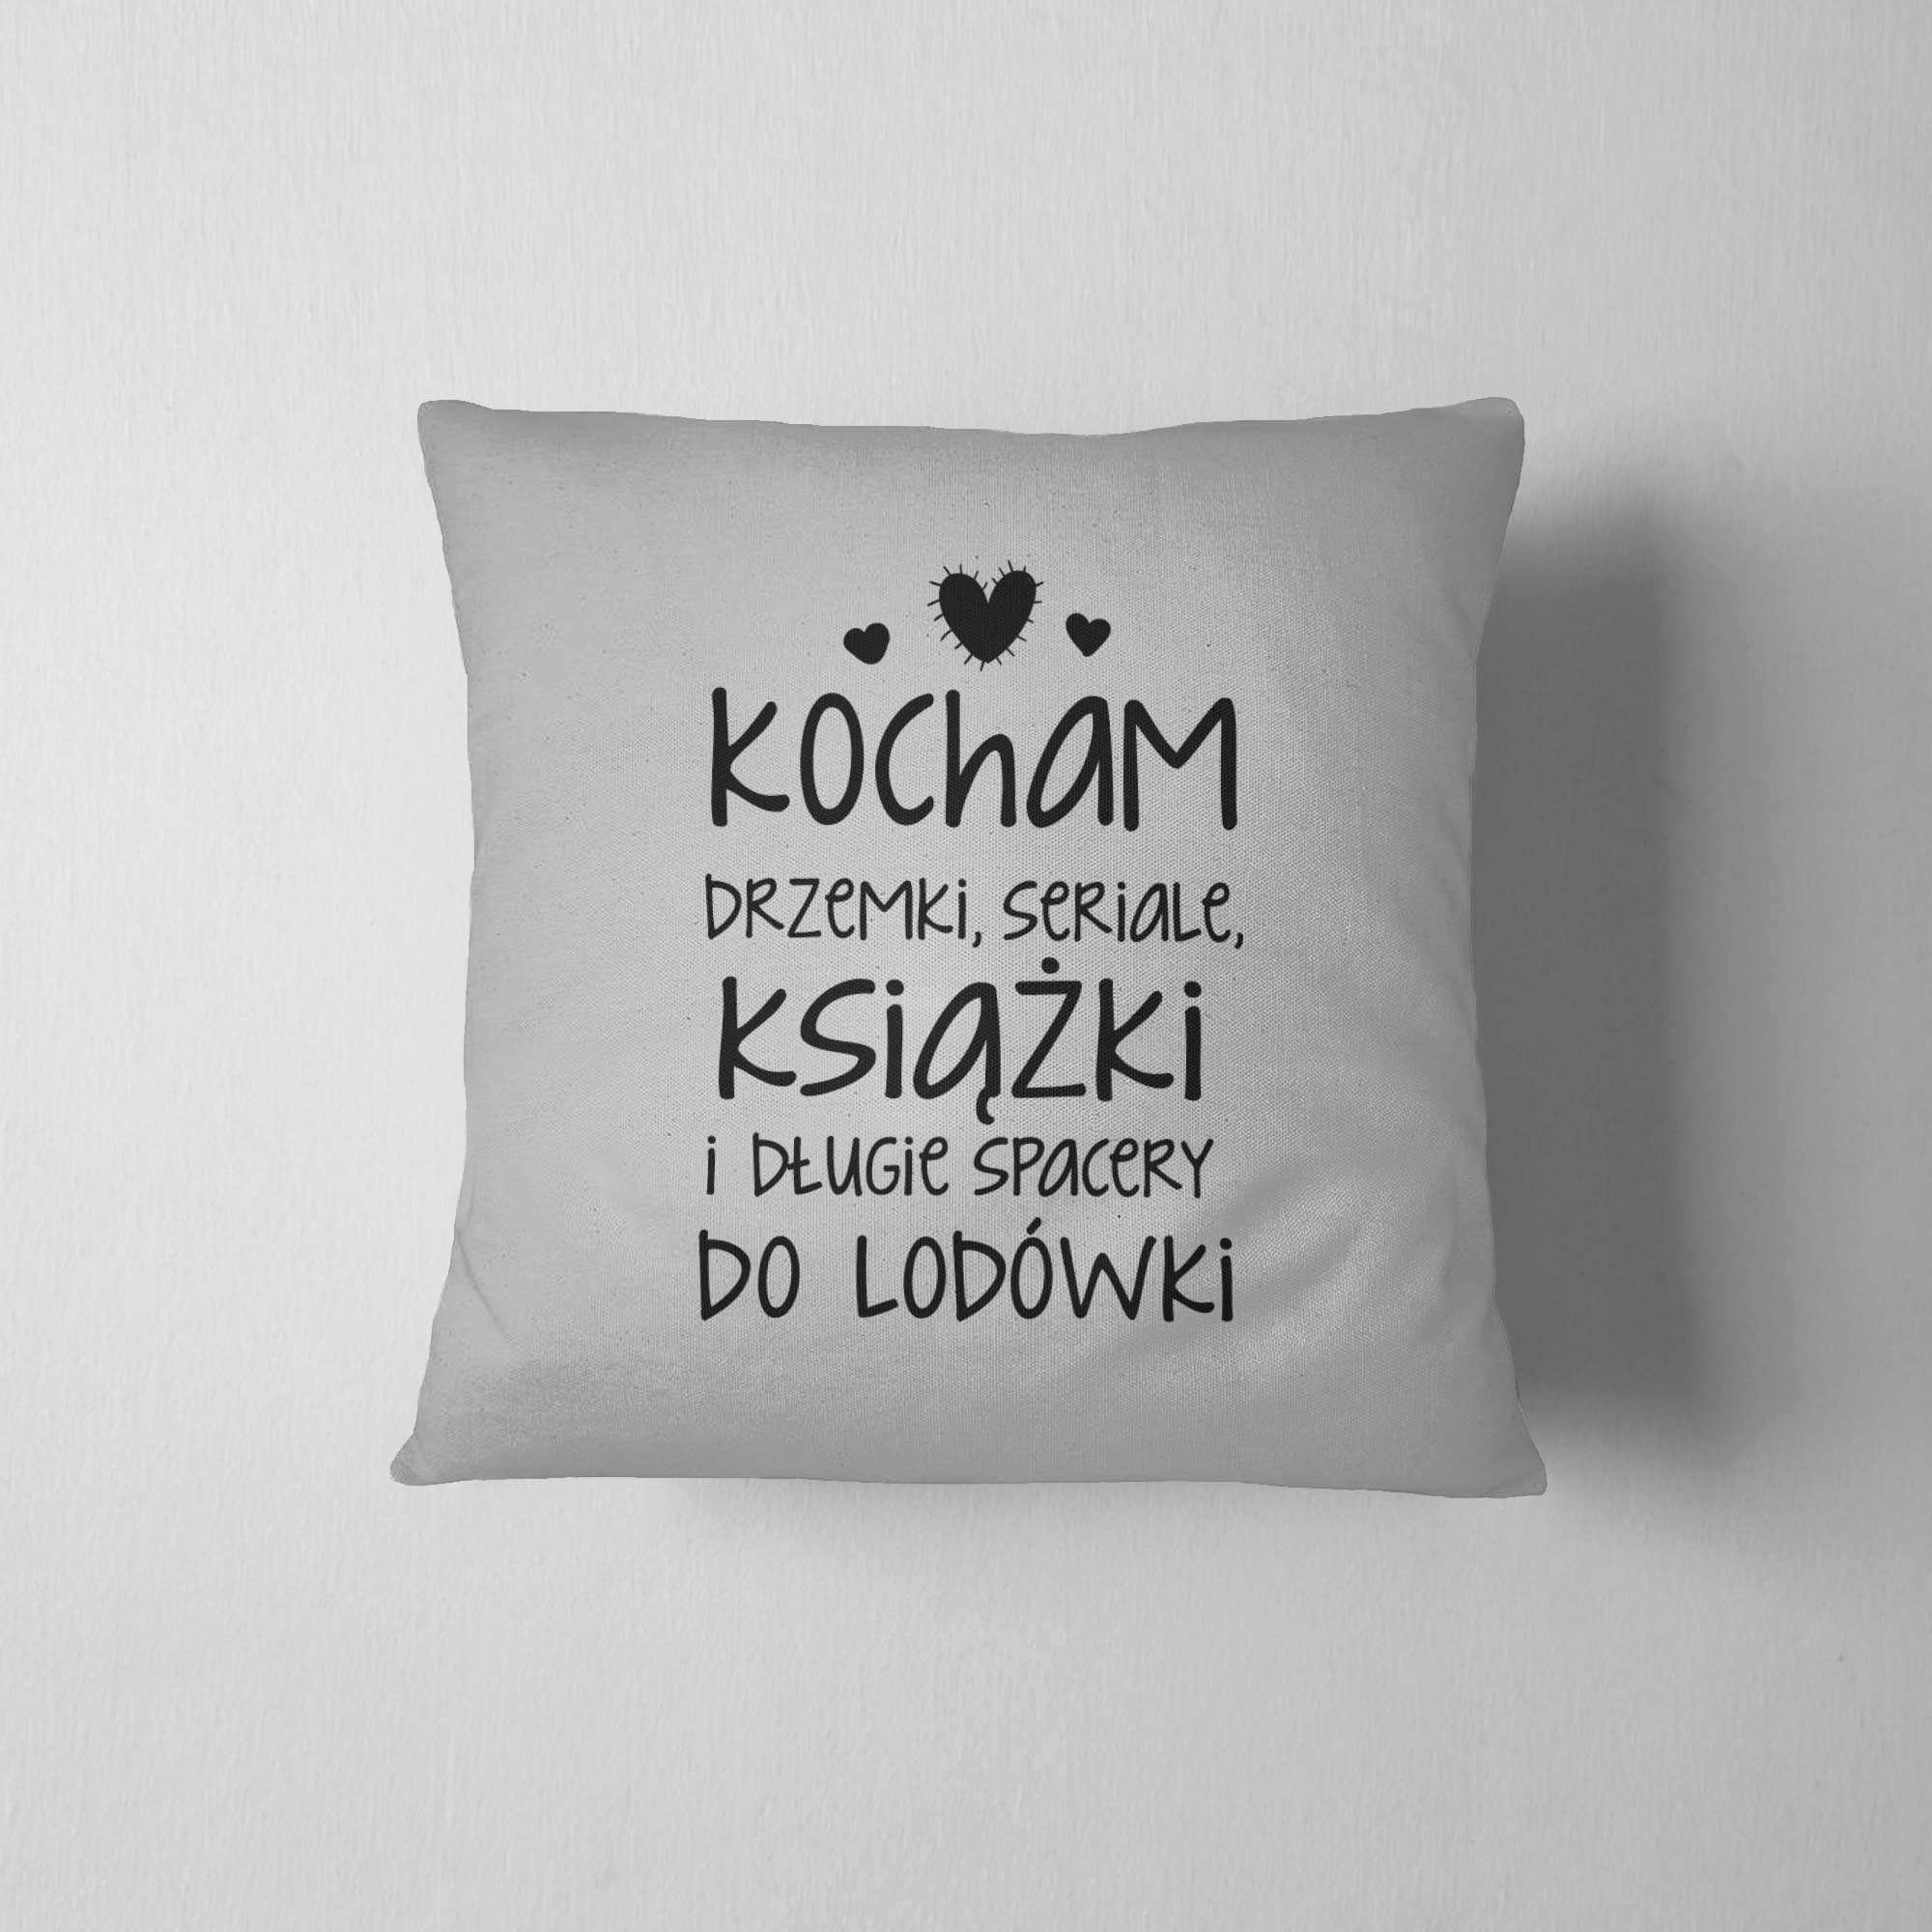 Fantastyczny Kocham drzemki, seriale i książki - poduszka dekoracyjna - DDshirt IX79